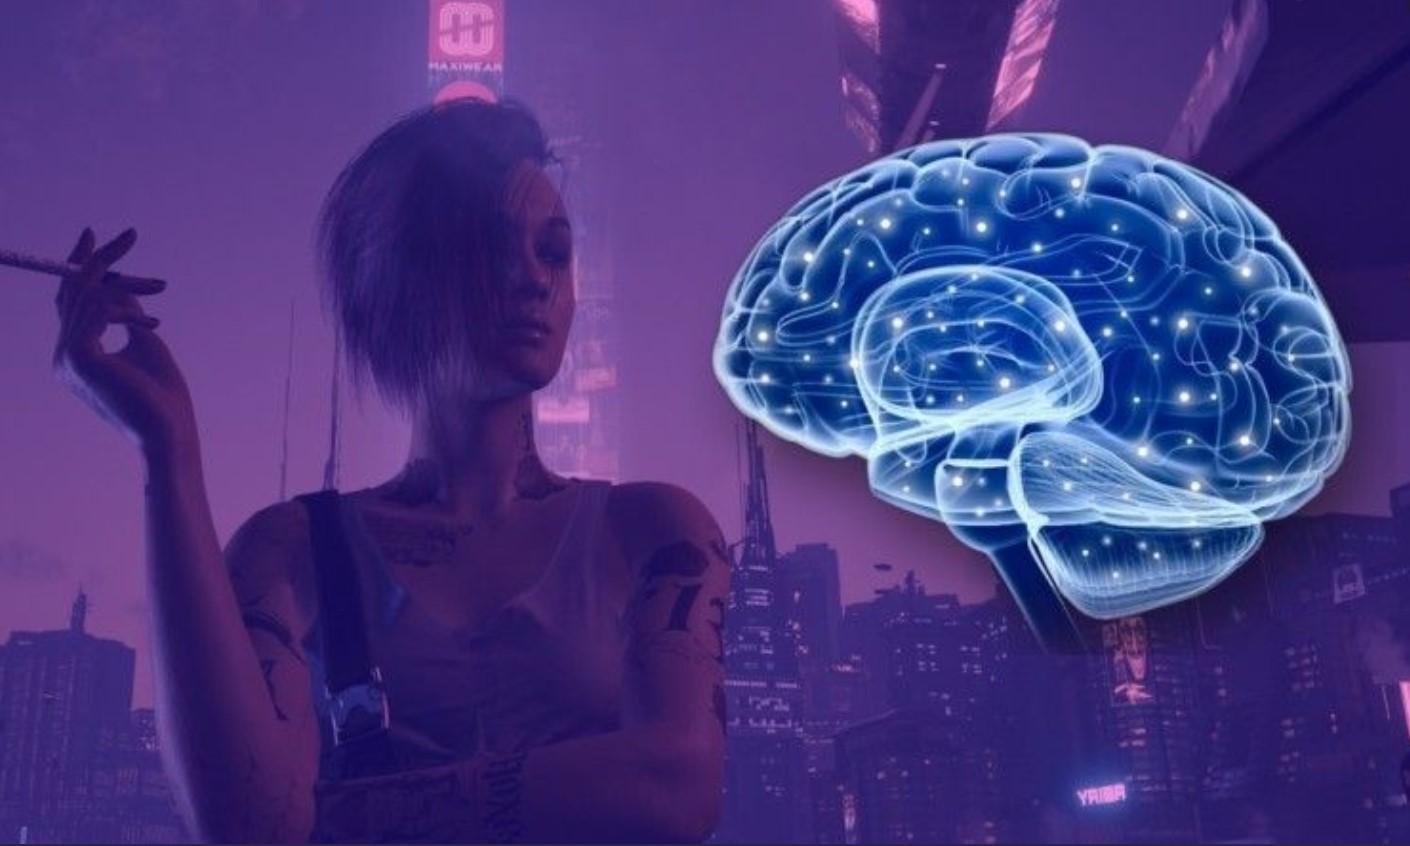 CD Projeckt RED habló sobre los ataques epilépticos que pueden aparecer con Cyberpunk 2077